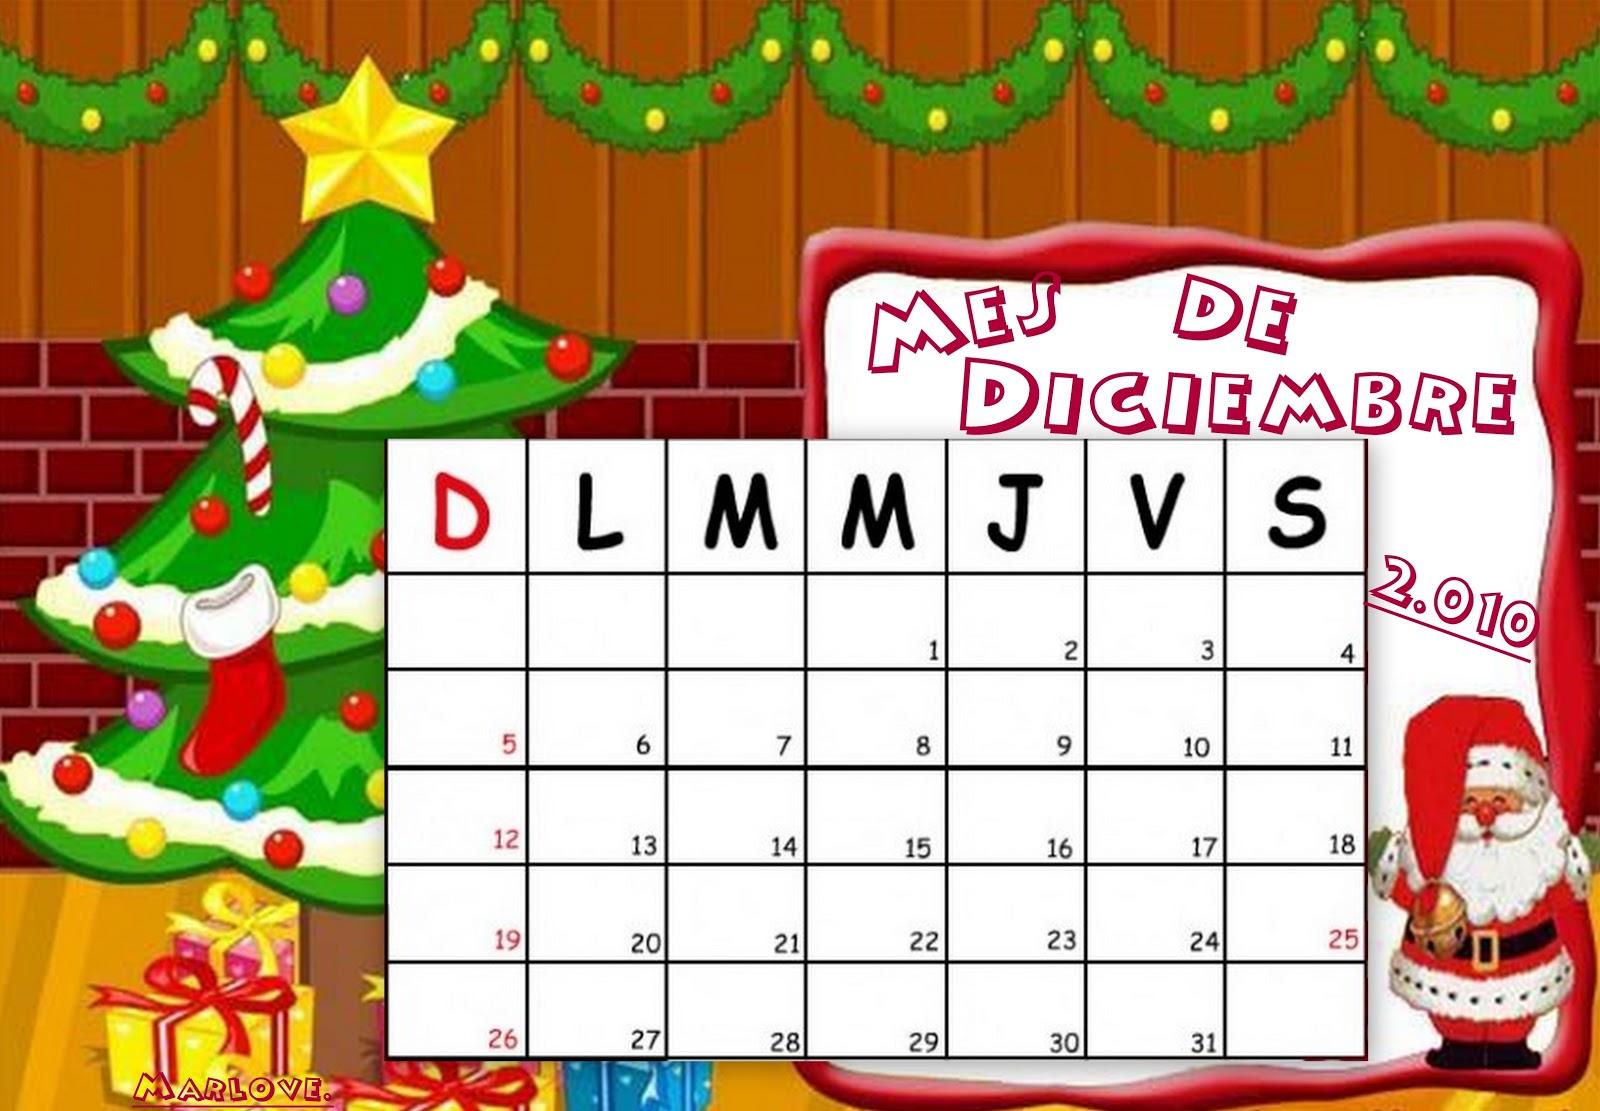 Lleg diciembre calendarios navide os - Calendarios navidenos personalizados ...